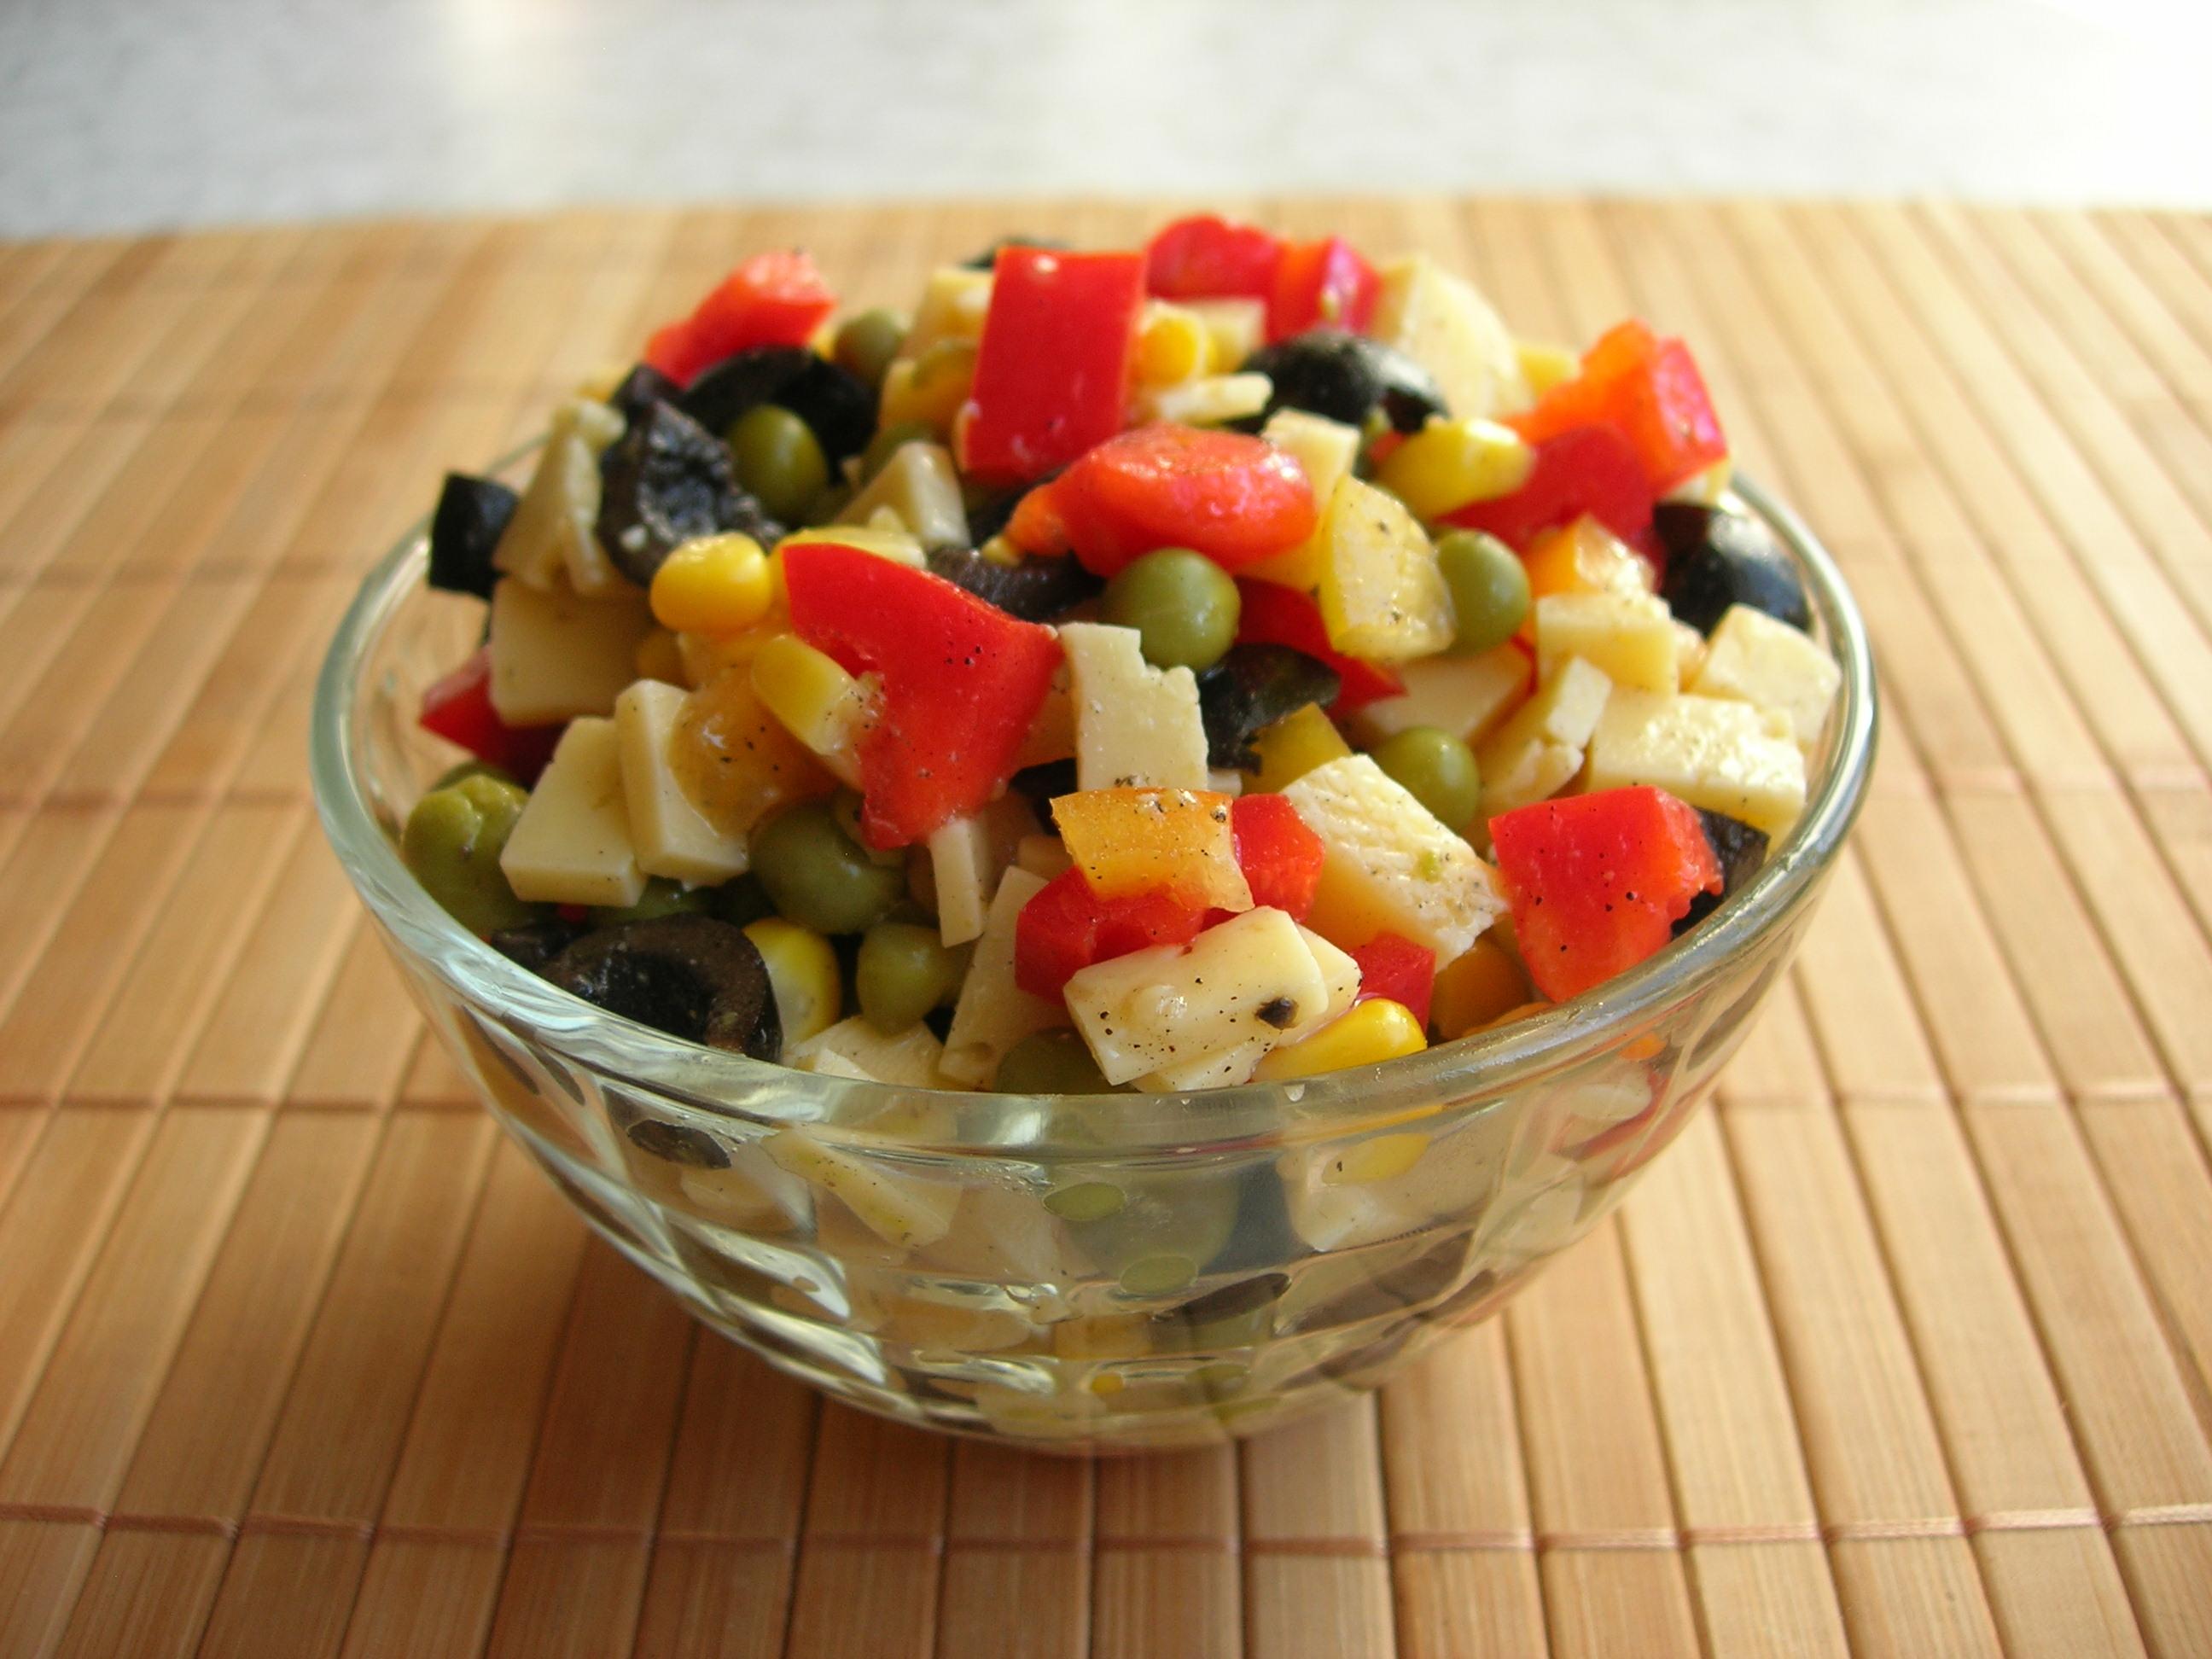 праздничный салат без майонеза рецепт с фото поддержать наш